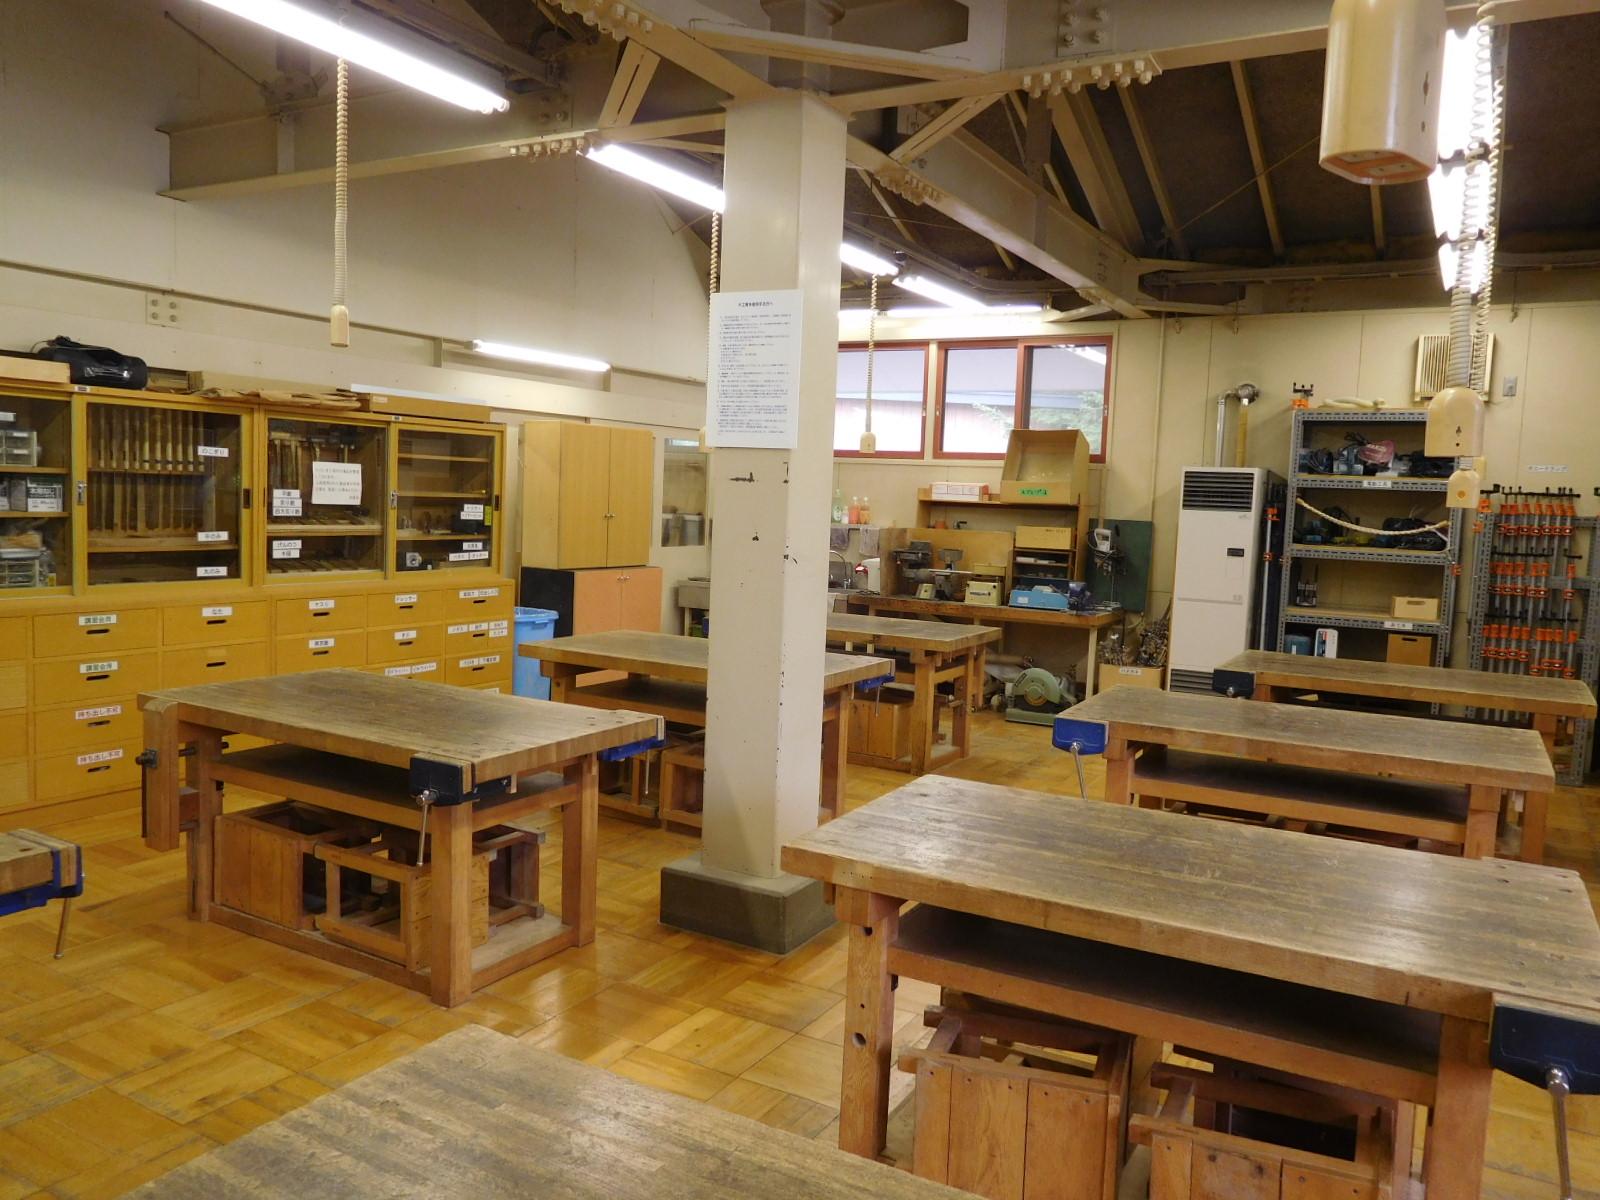 作業で生じる木くずや粉を気にせず、広々とした環境で制作できます。